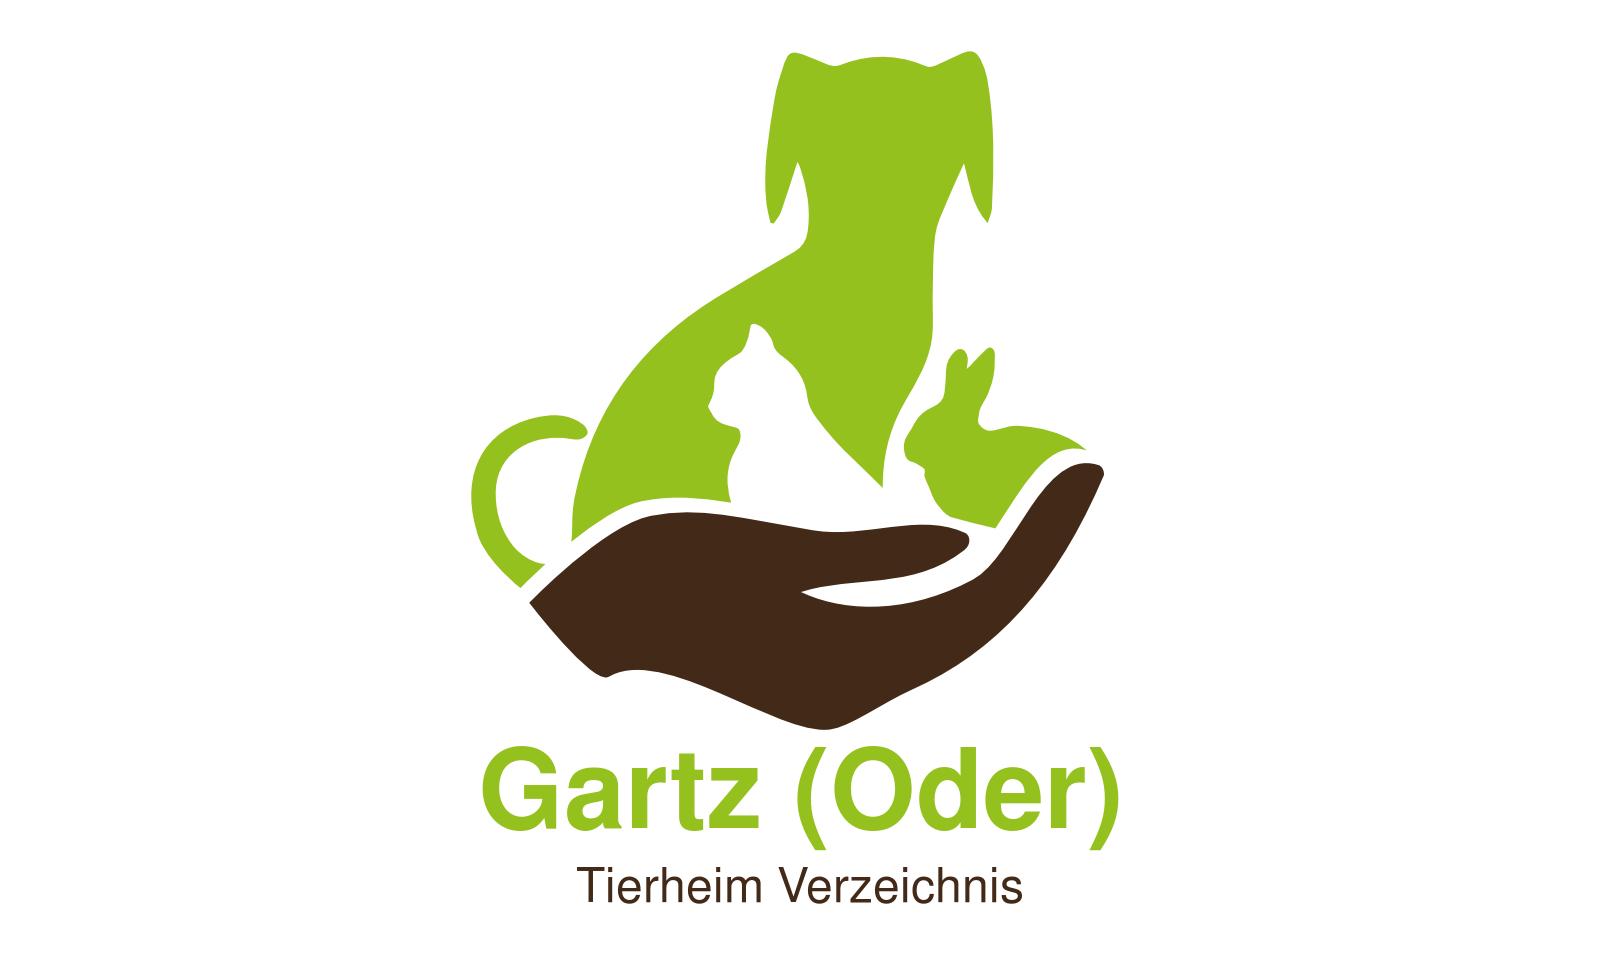 Tierheim Gartz (Oder)